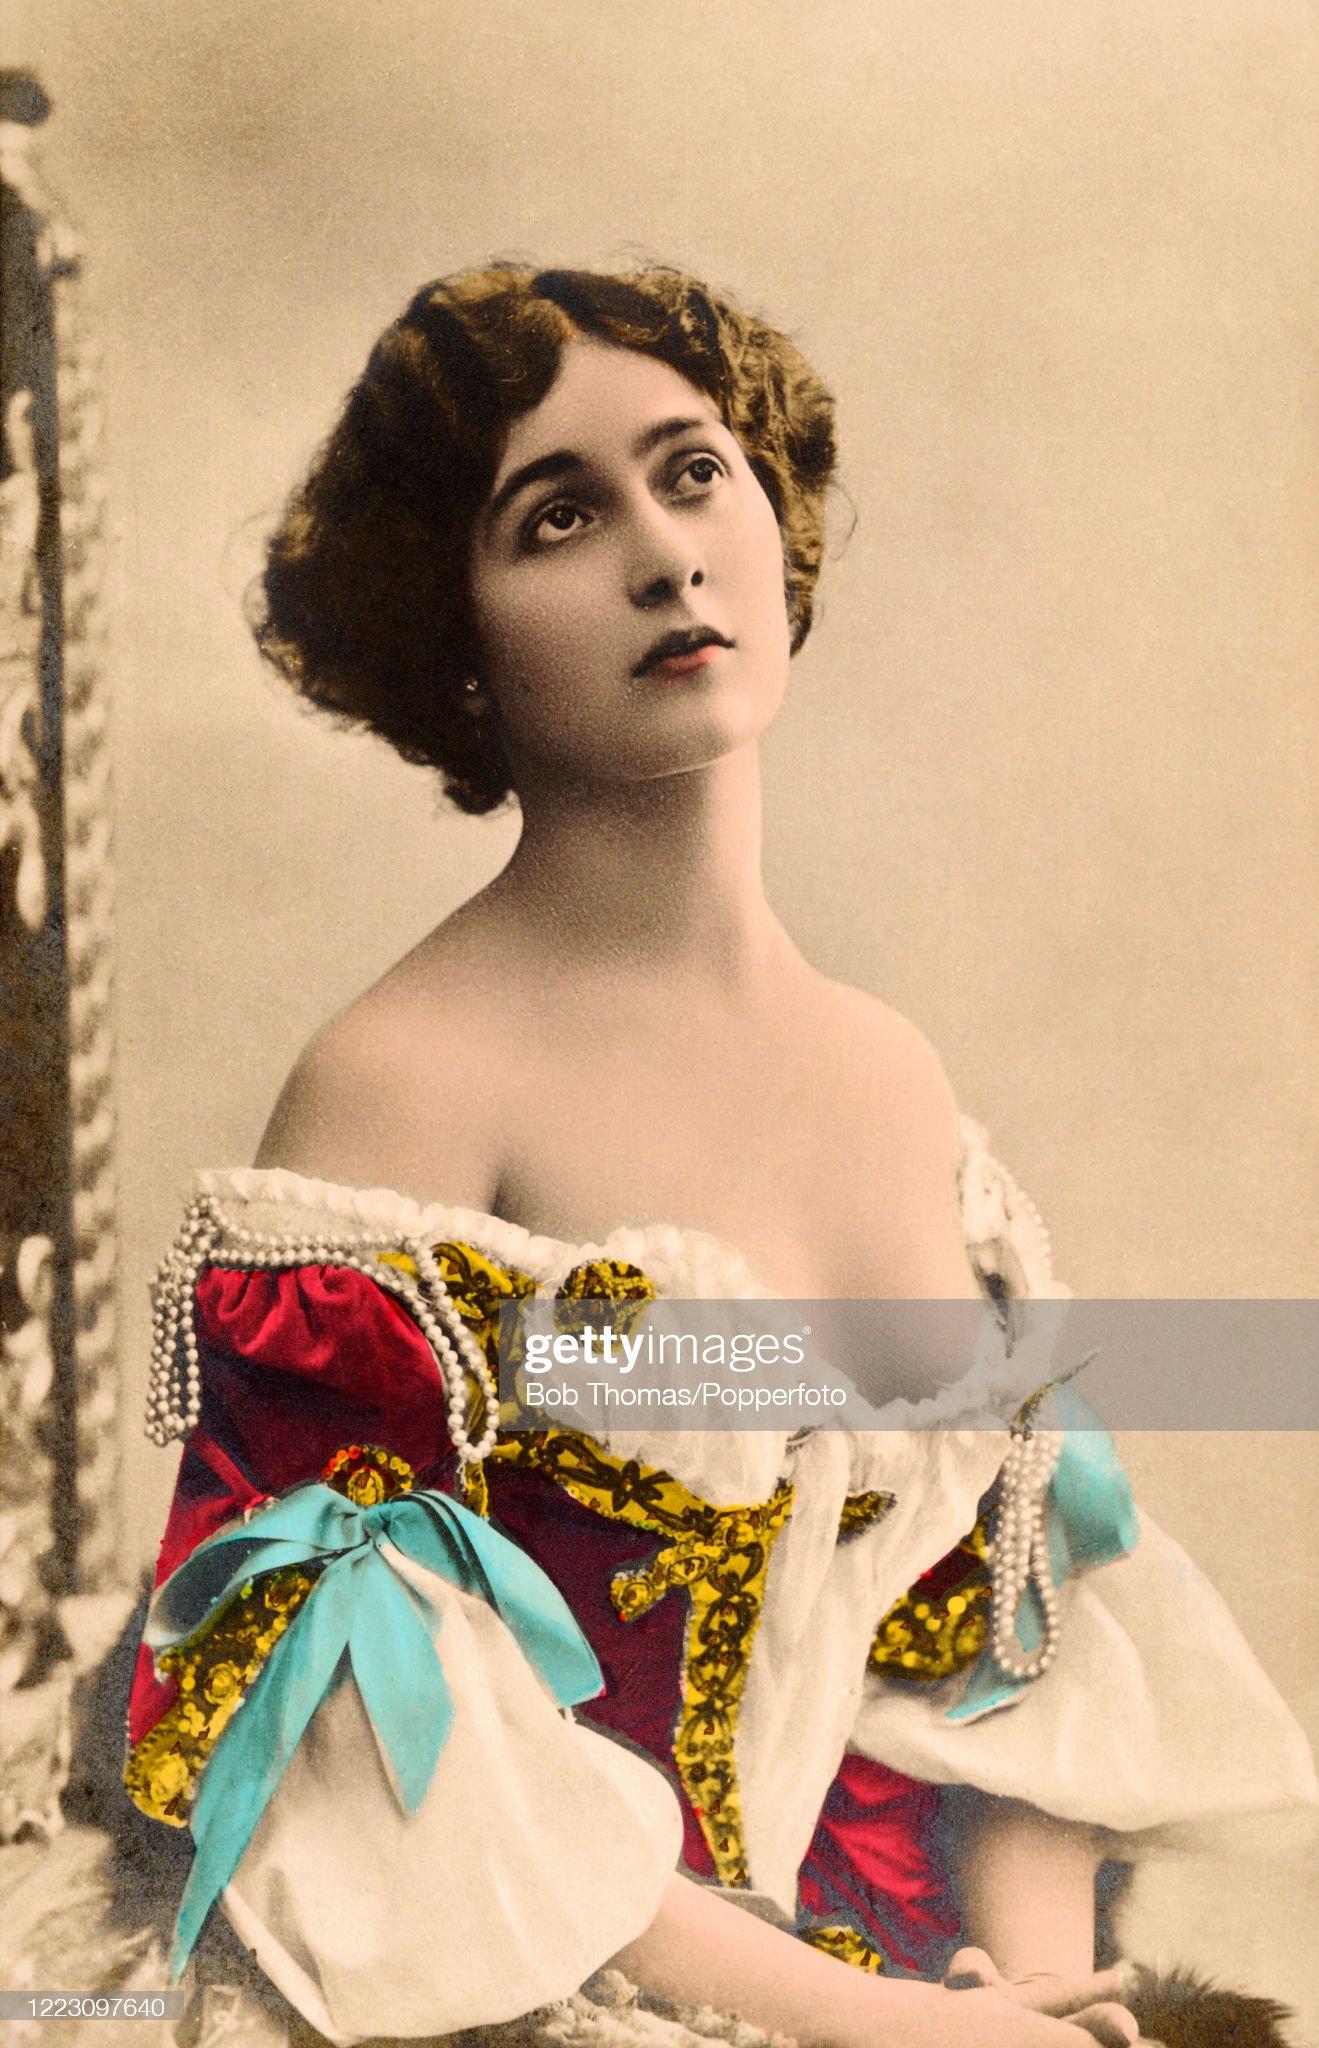 Lina Cavalieri - Opera Singer And Actress : News Photo